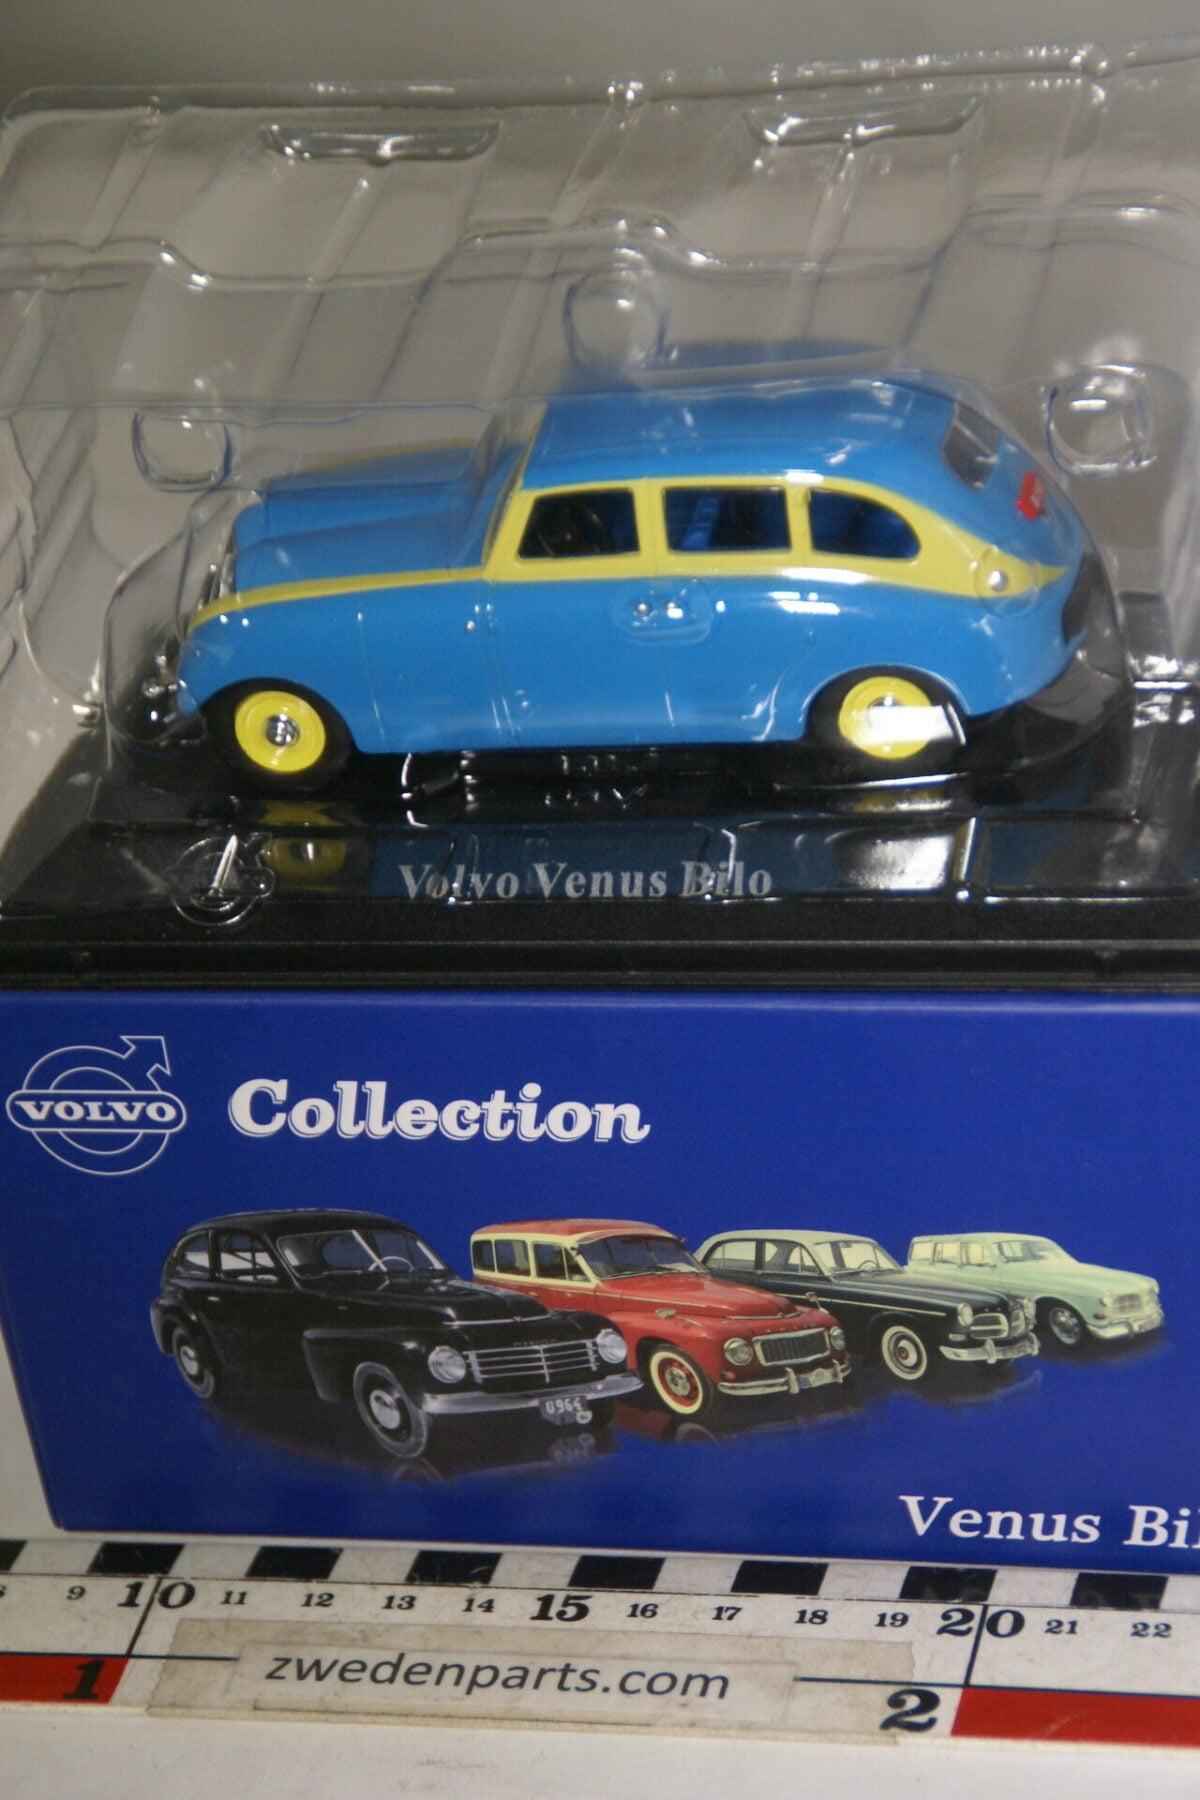 DSC00490 miniatuur Volvo Venus Bilo blauw geel 1op43 Atlas 86 nieuw in originele verpakking-ba1e9239